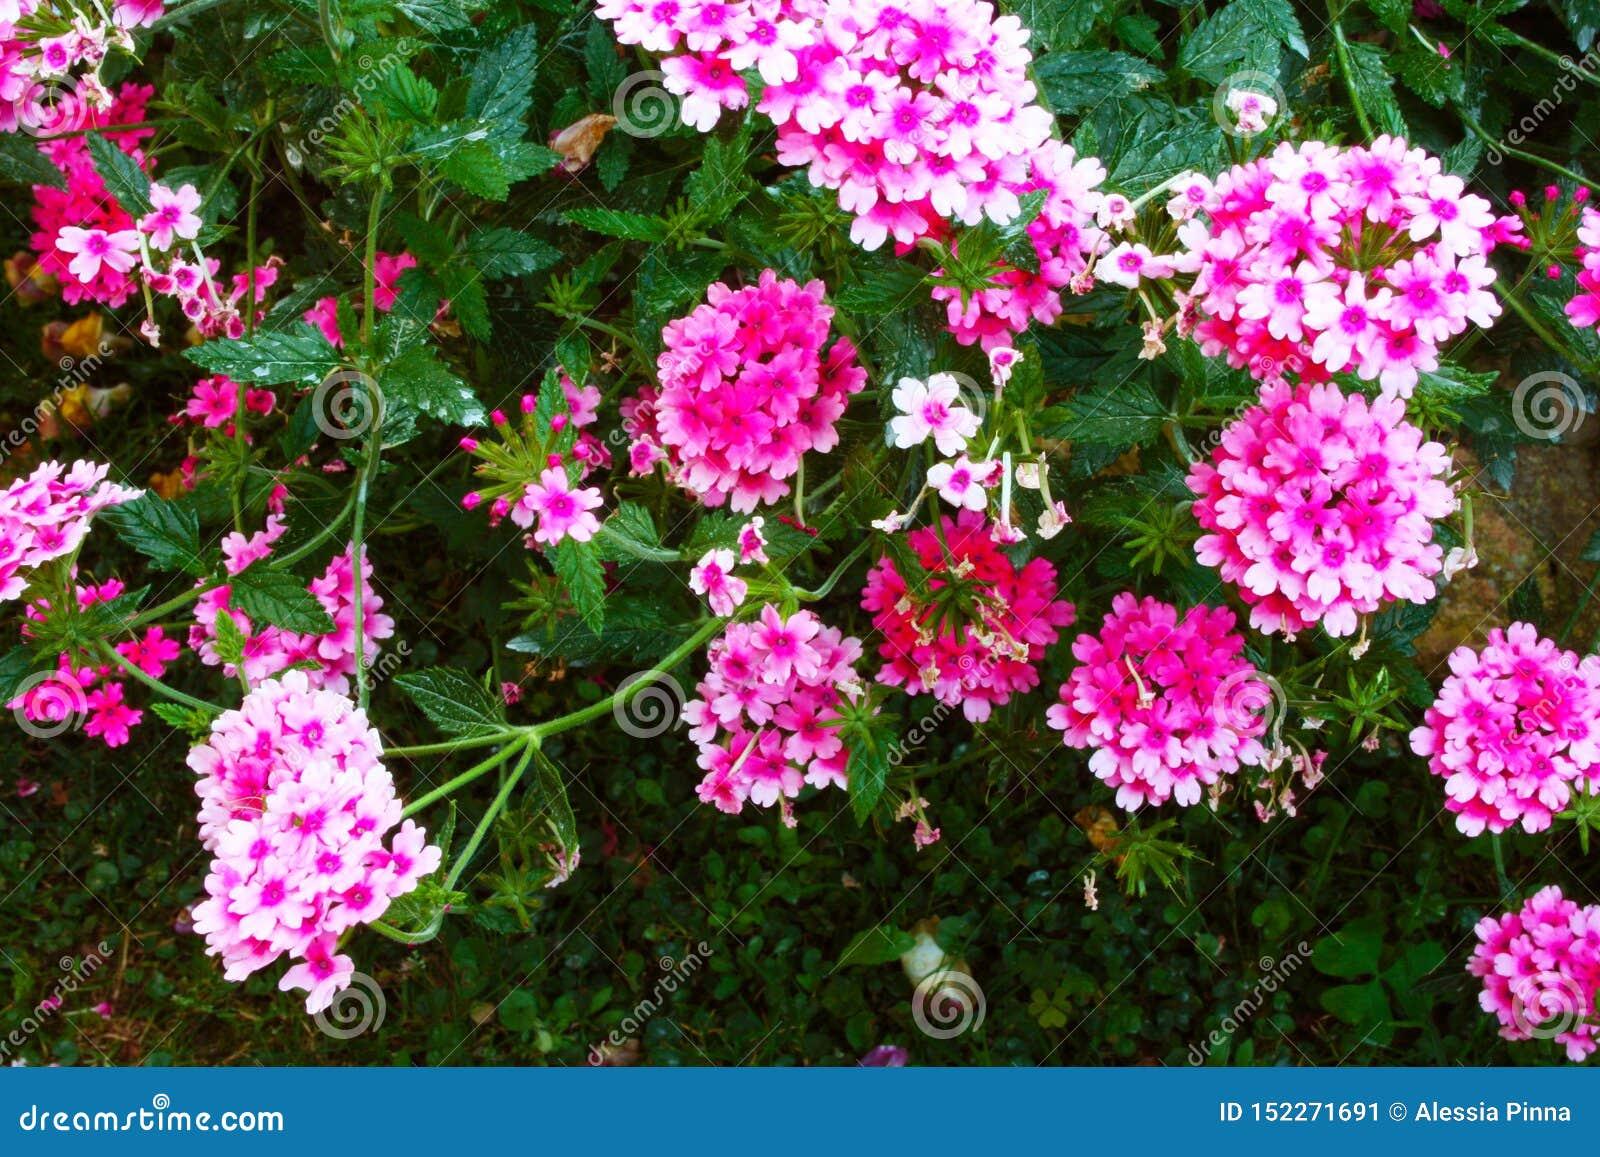 Bujny zielony krzak różowy i purpurowy verbena kwiat